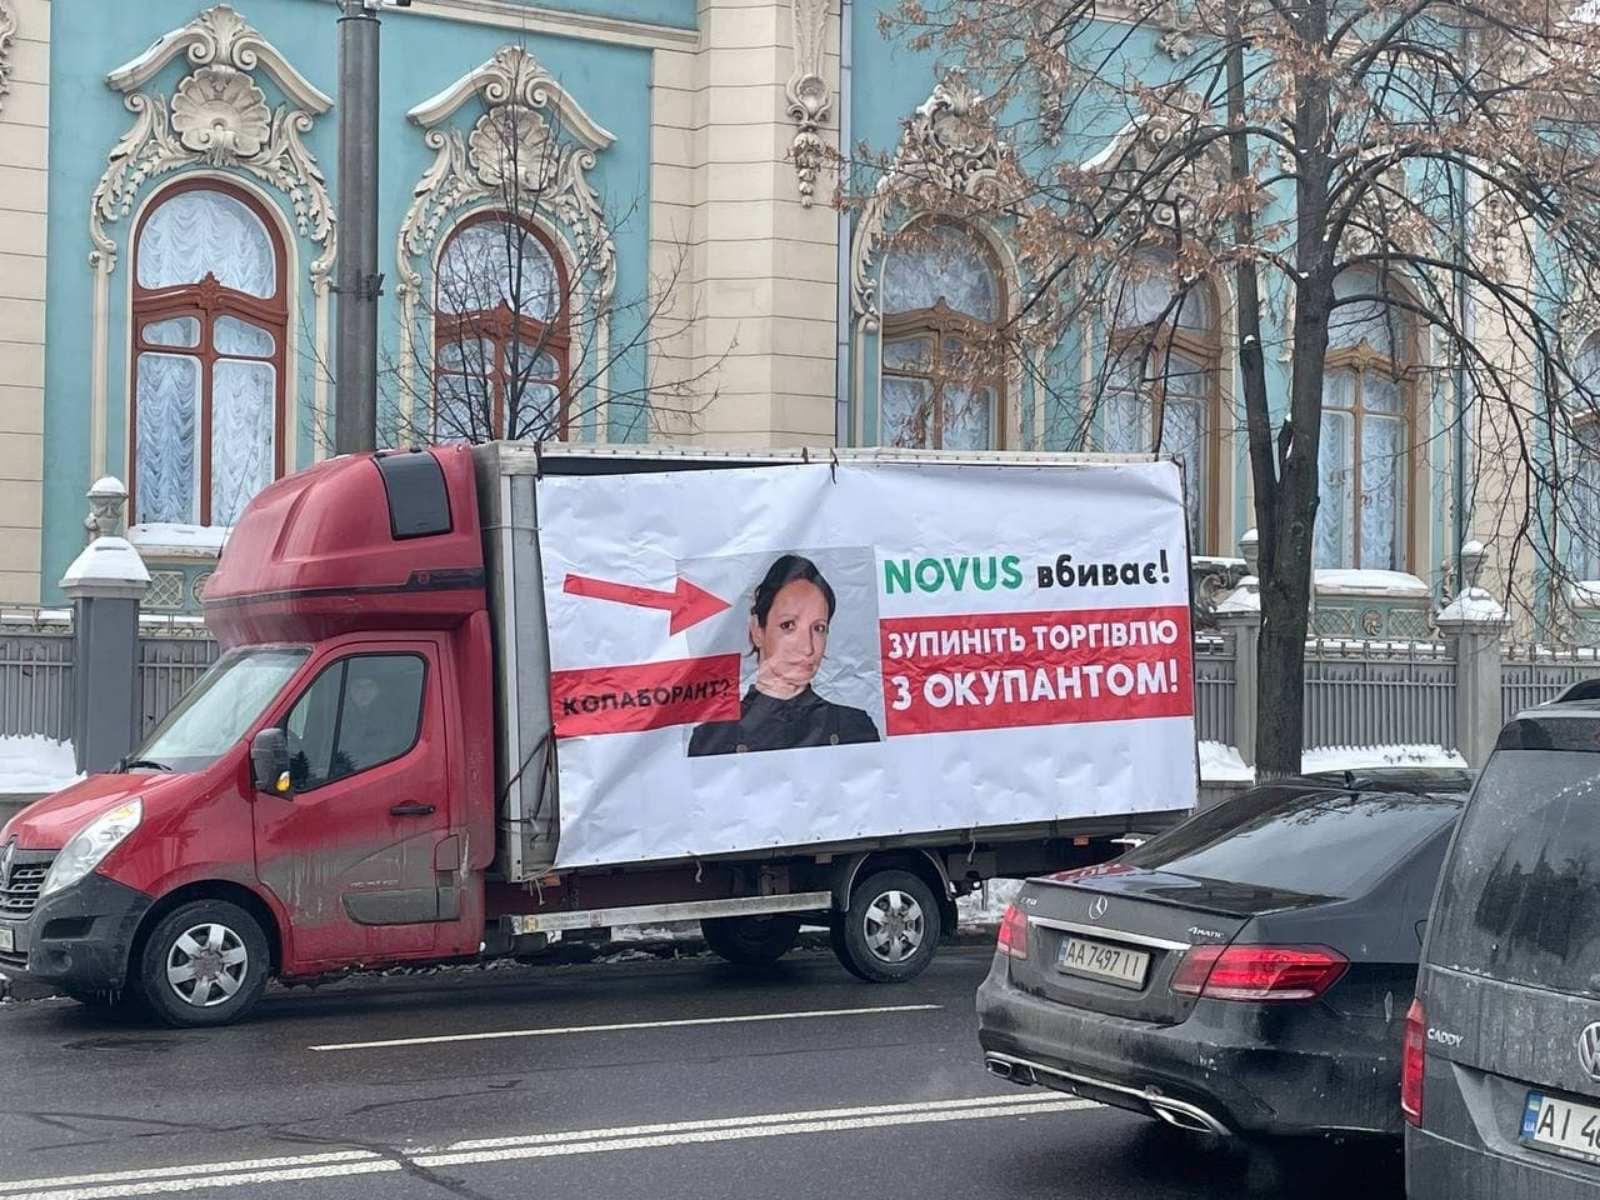 Під Радою влаштували мітинг через роботу Novus в Криму